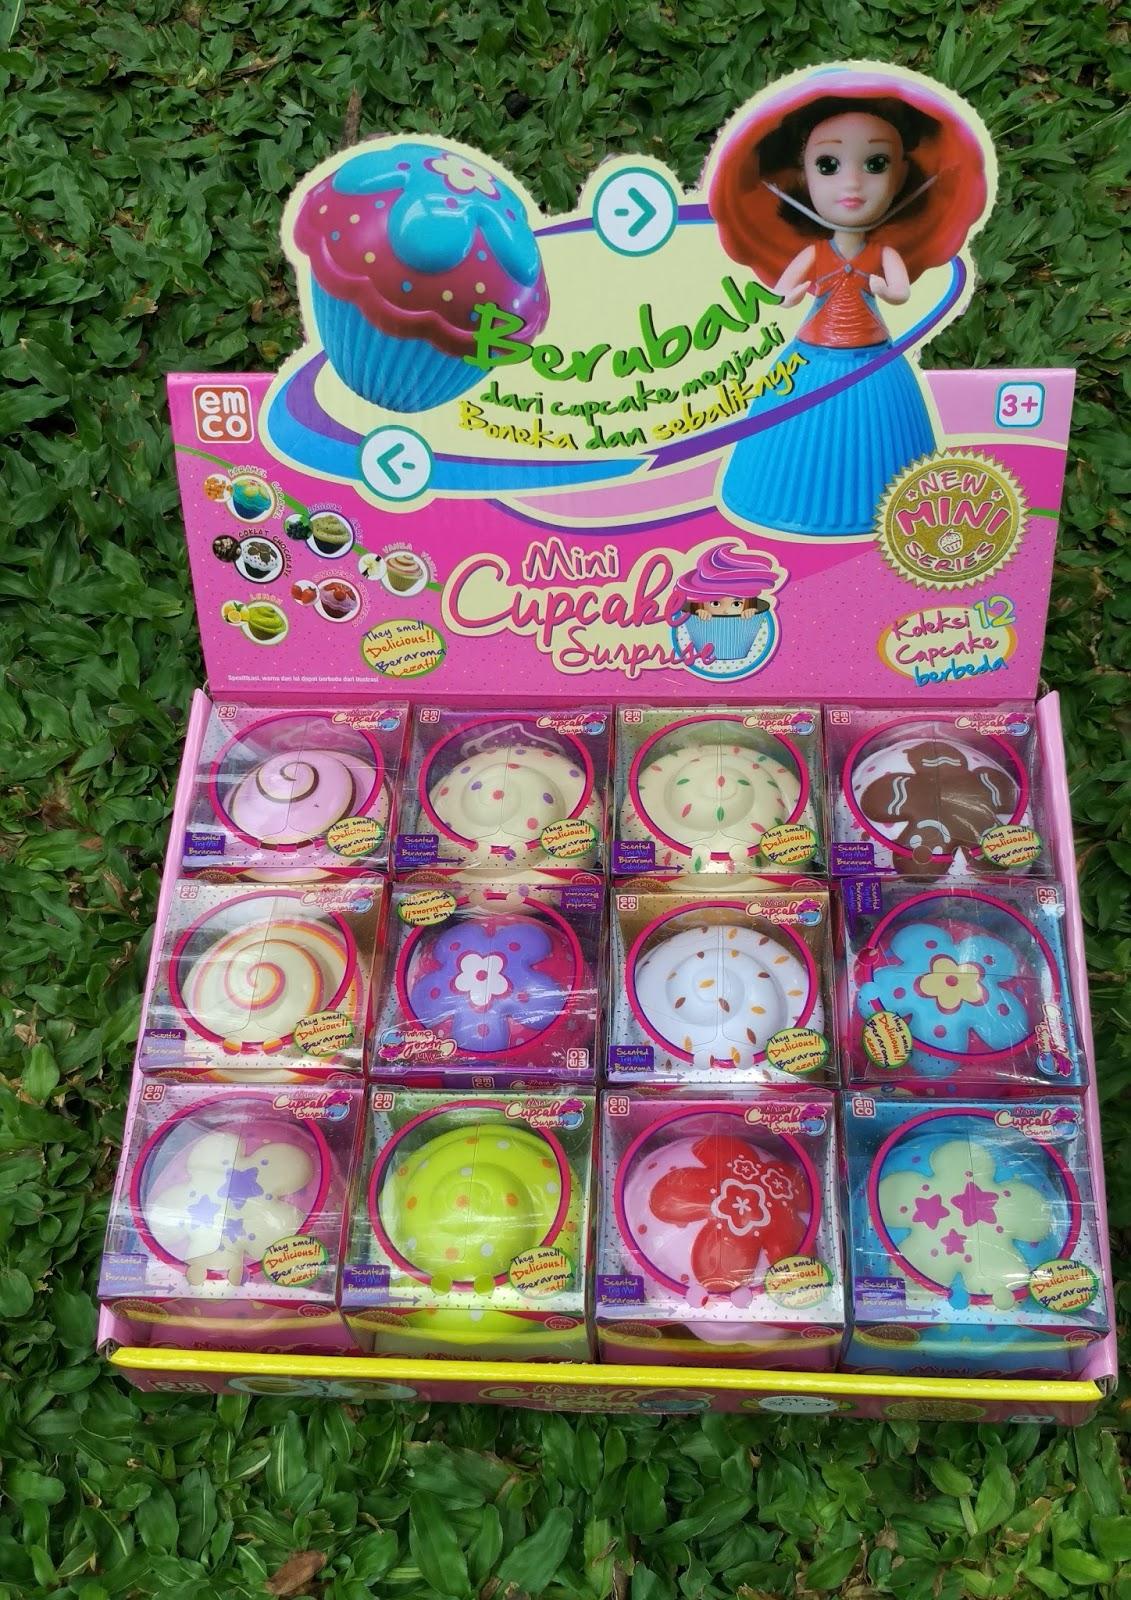 Mini cupcake surprise, cupcake surprise, mainan anak; pernak pernik anak, surprise anak, cupcake pricess, pernak pernik princess, princess collections